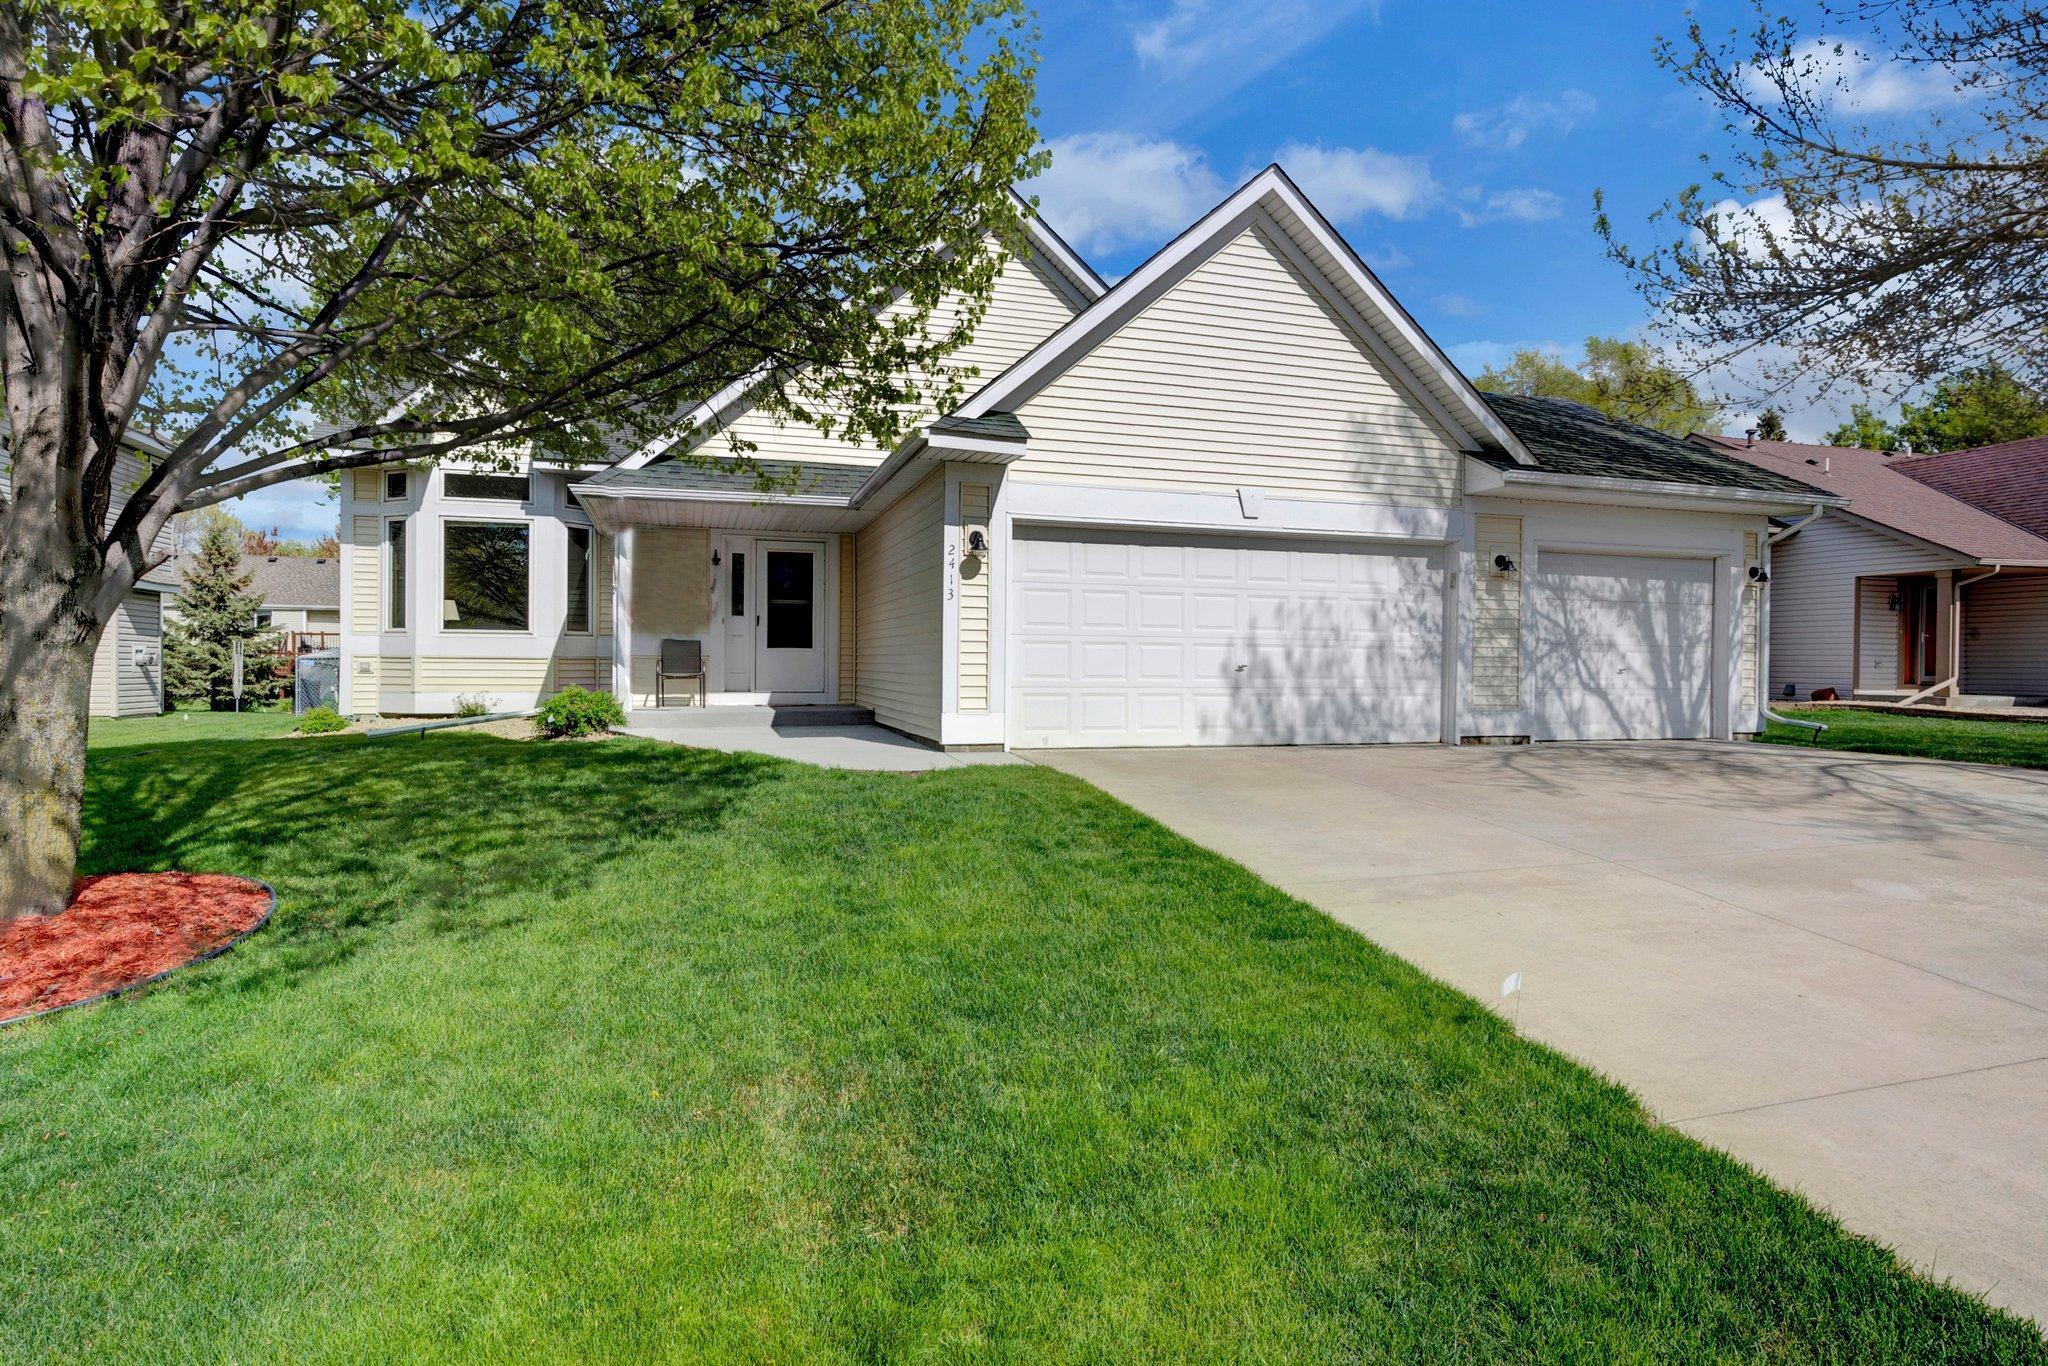 2413 Homestead Avenue N, Oakdale MN 55128 - Photo 1